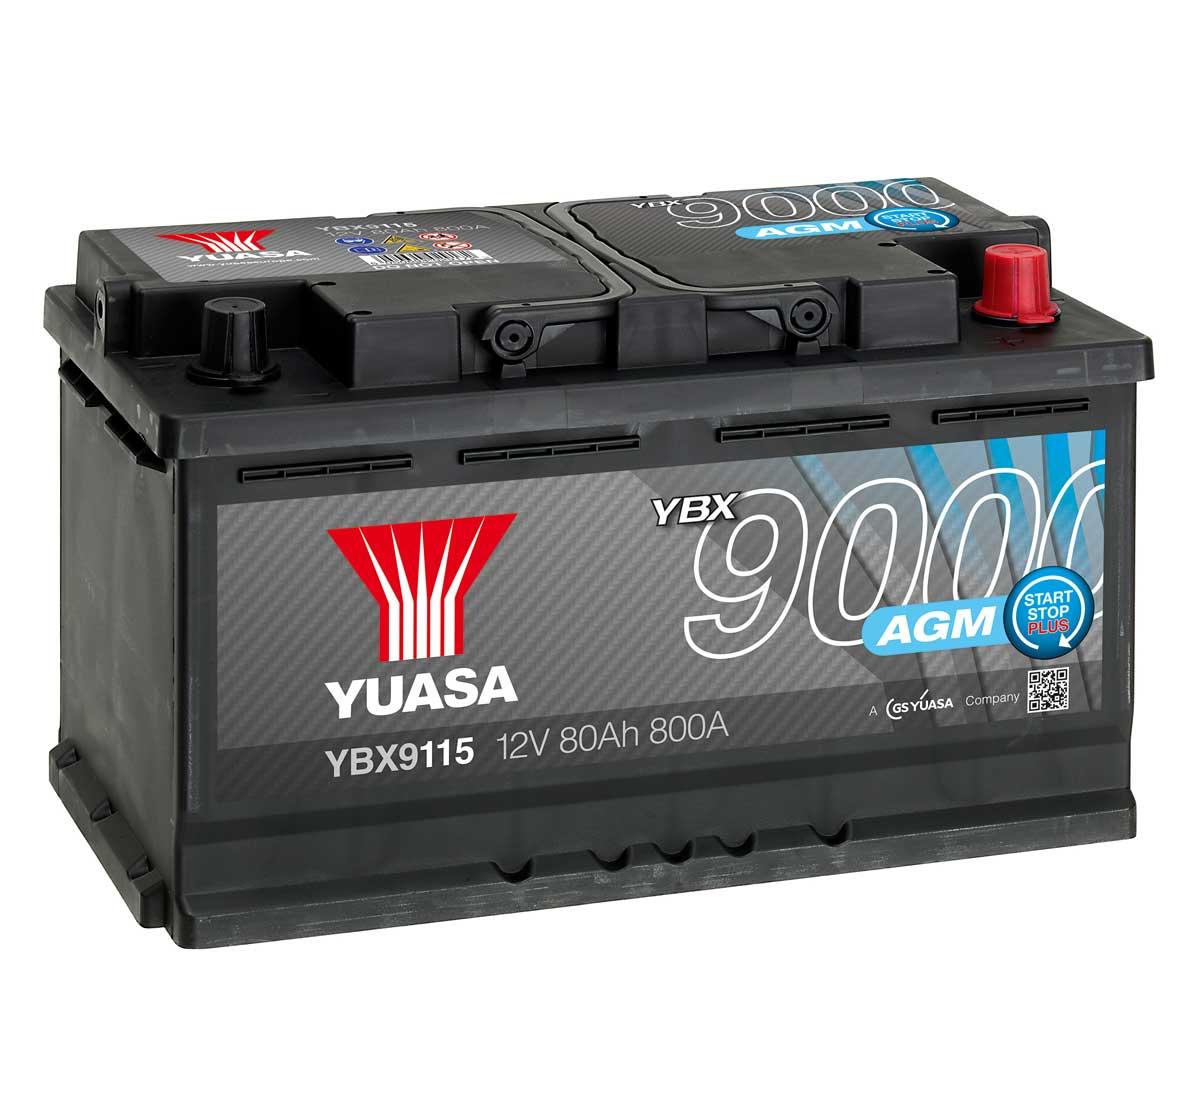 Yuasa YBX9115 AGM 12V Car Battery